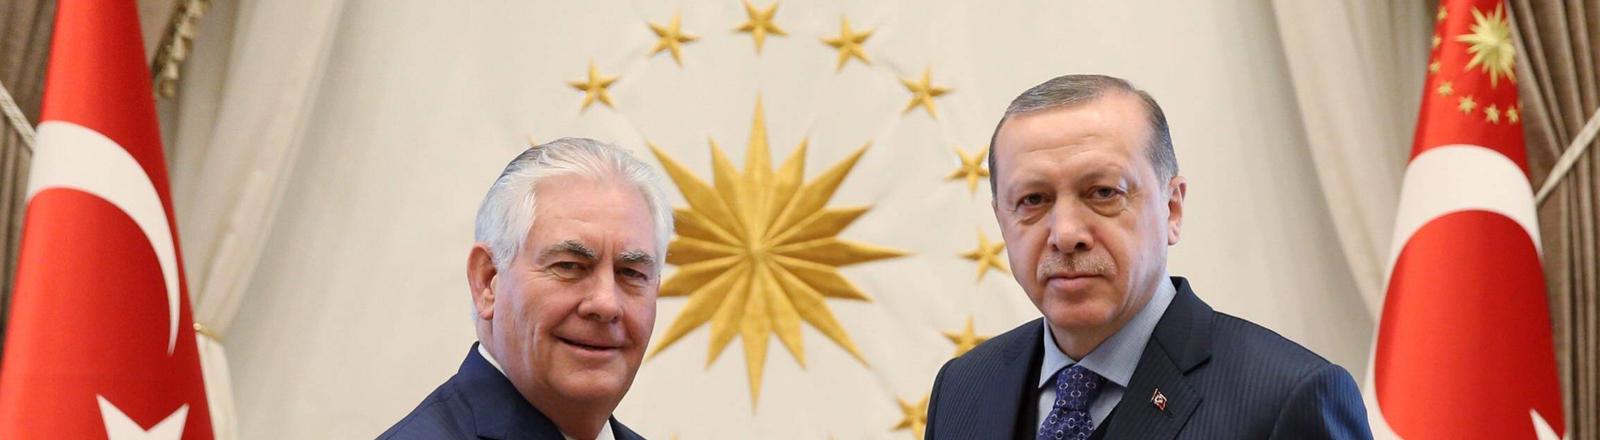 Rex Tillerson (llinks) und Recep Tayyip Erdoğan schütteln sich die Hände